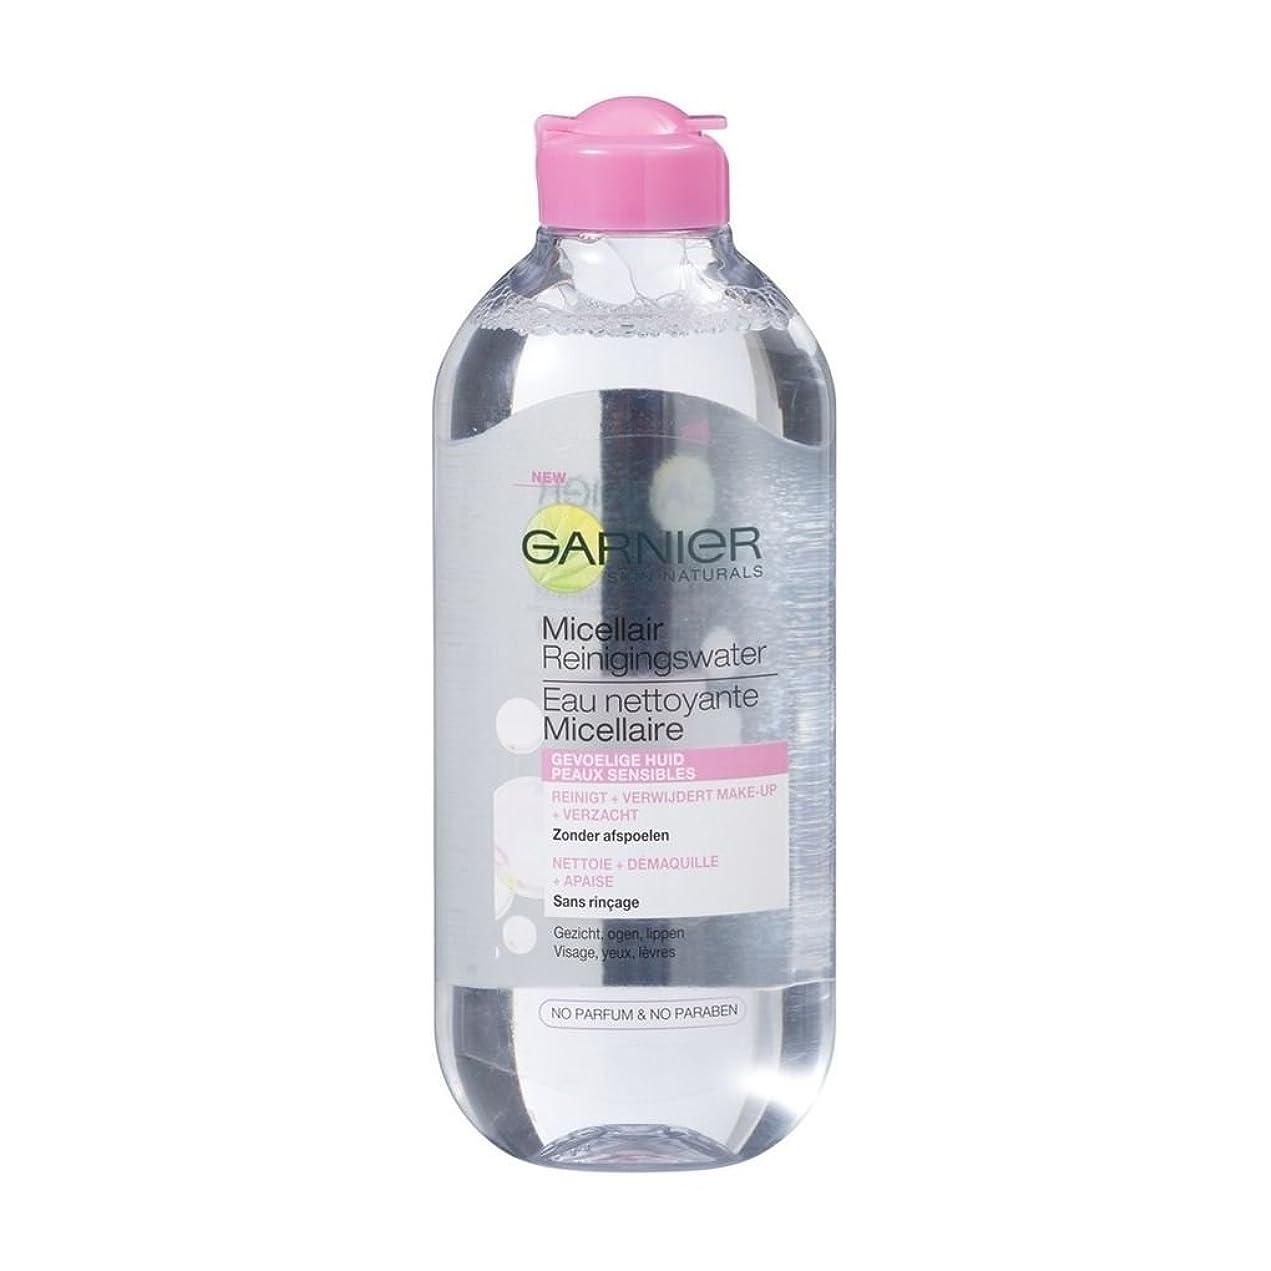 メロドラマブレーキ独裁ガルニエ SkinActive Micellar Water (No Perfume & Paraben) - For Sensitive Skin 400ml/13.3oz並行輸入品